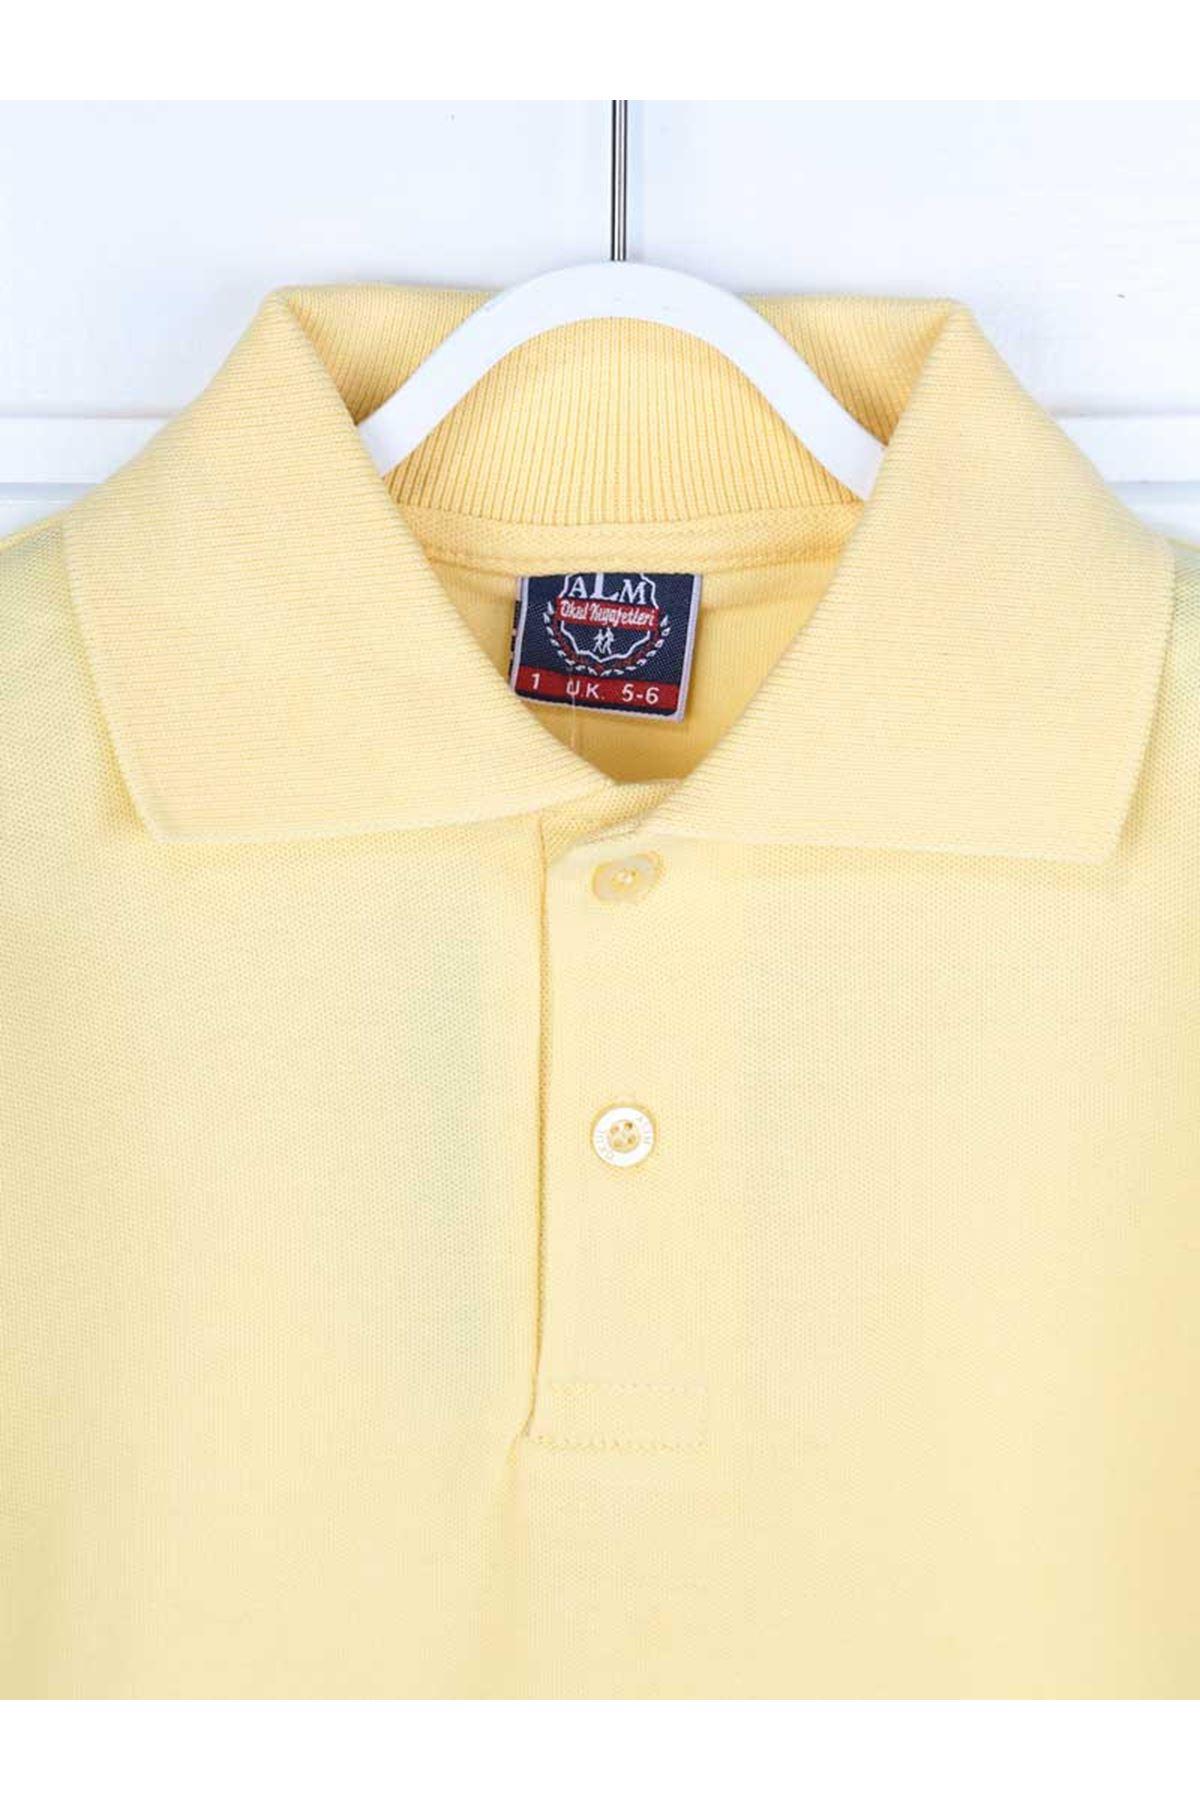 Sarı Polo Yaka Pamuklu Çocuk Basic Tişört